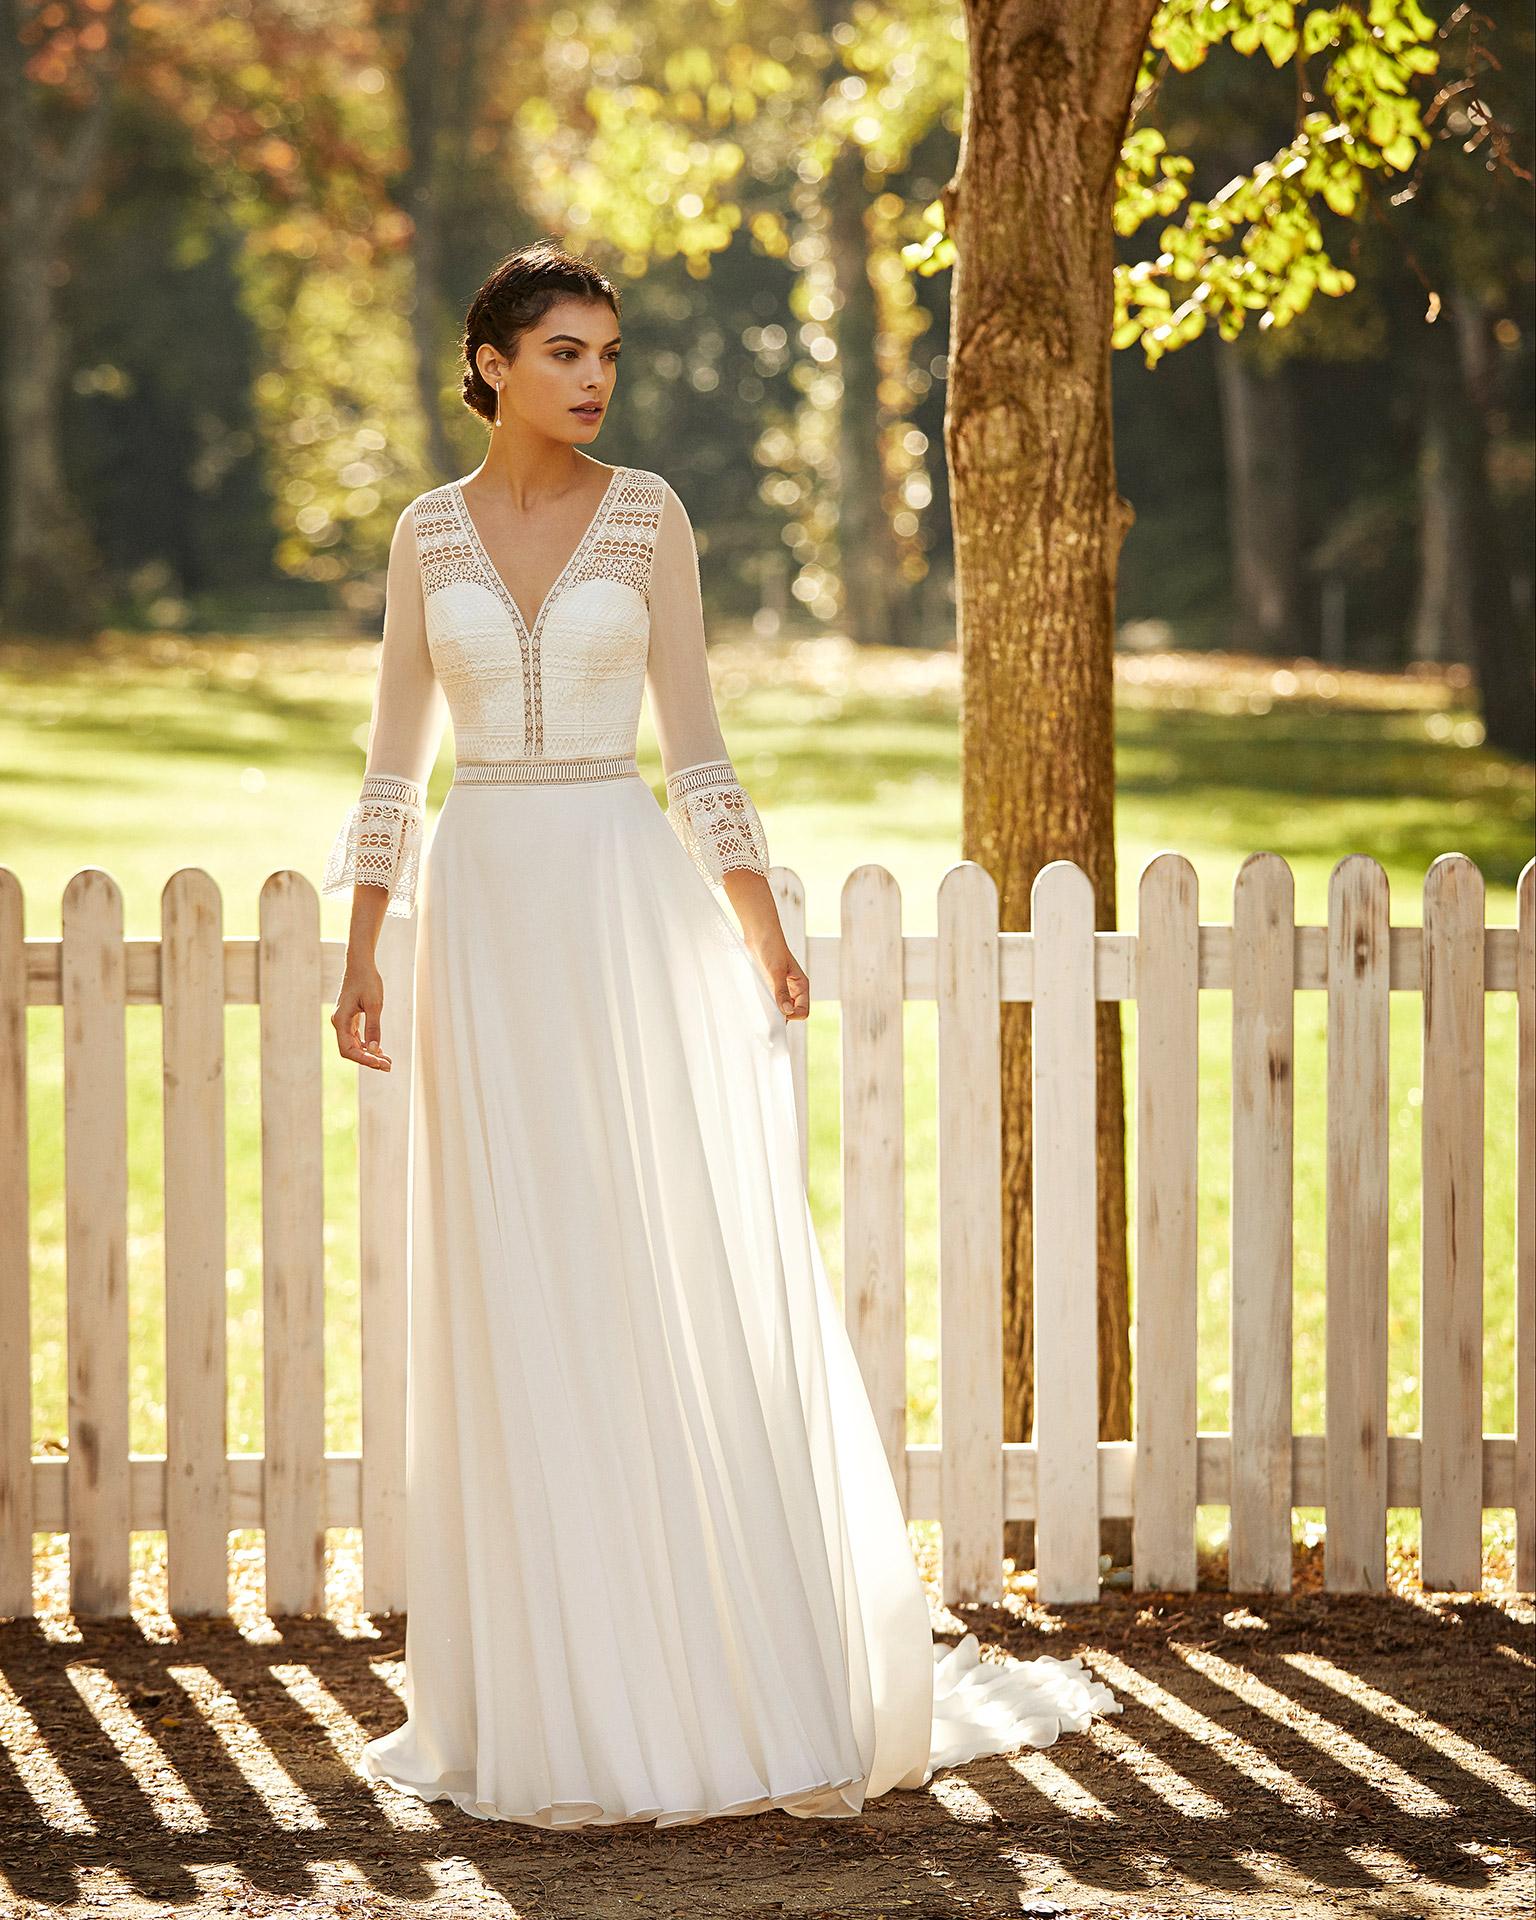 Vestido de novia estilo boho de gasa y encaje con escote deep-plunge y espalda cerrada con manga 3/4. Colección ALMA_NOVIA 2020.